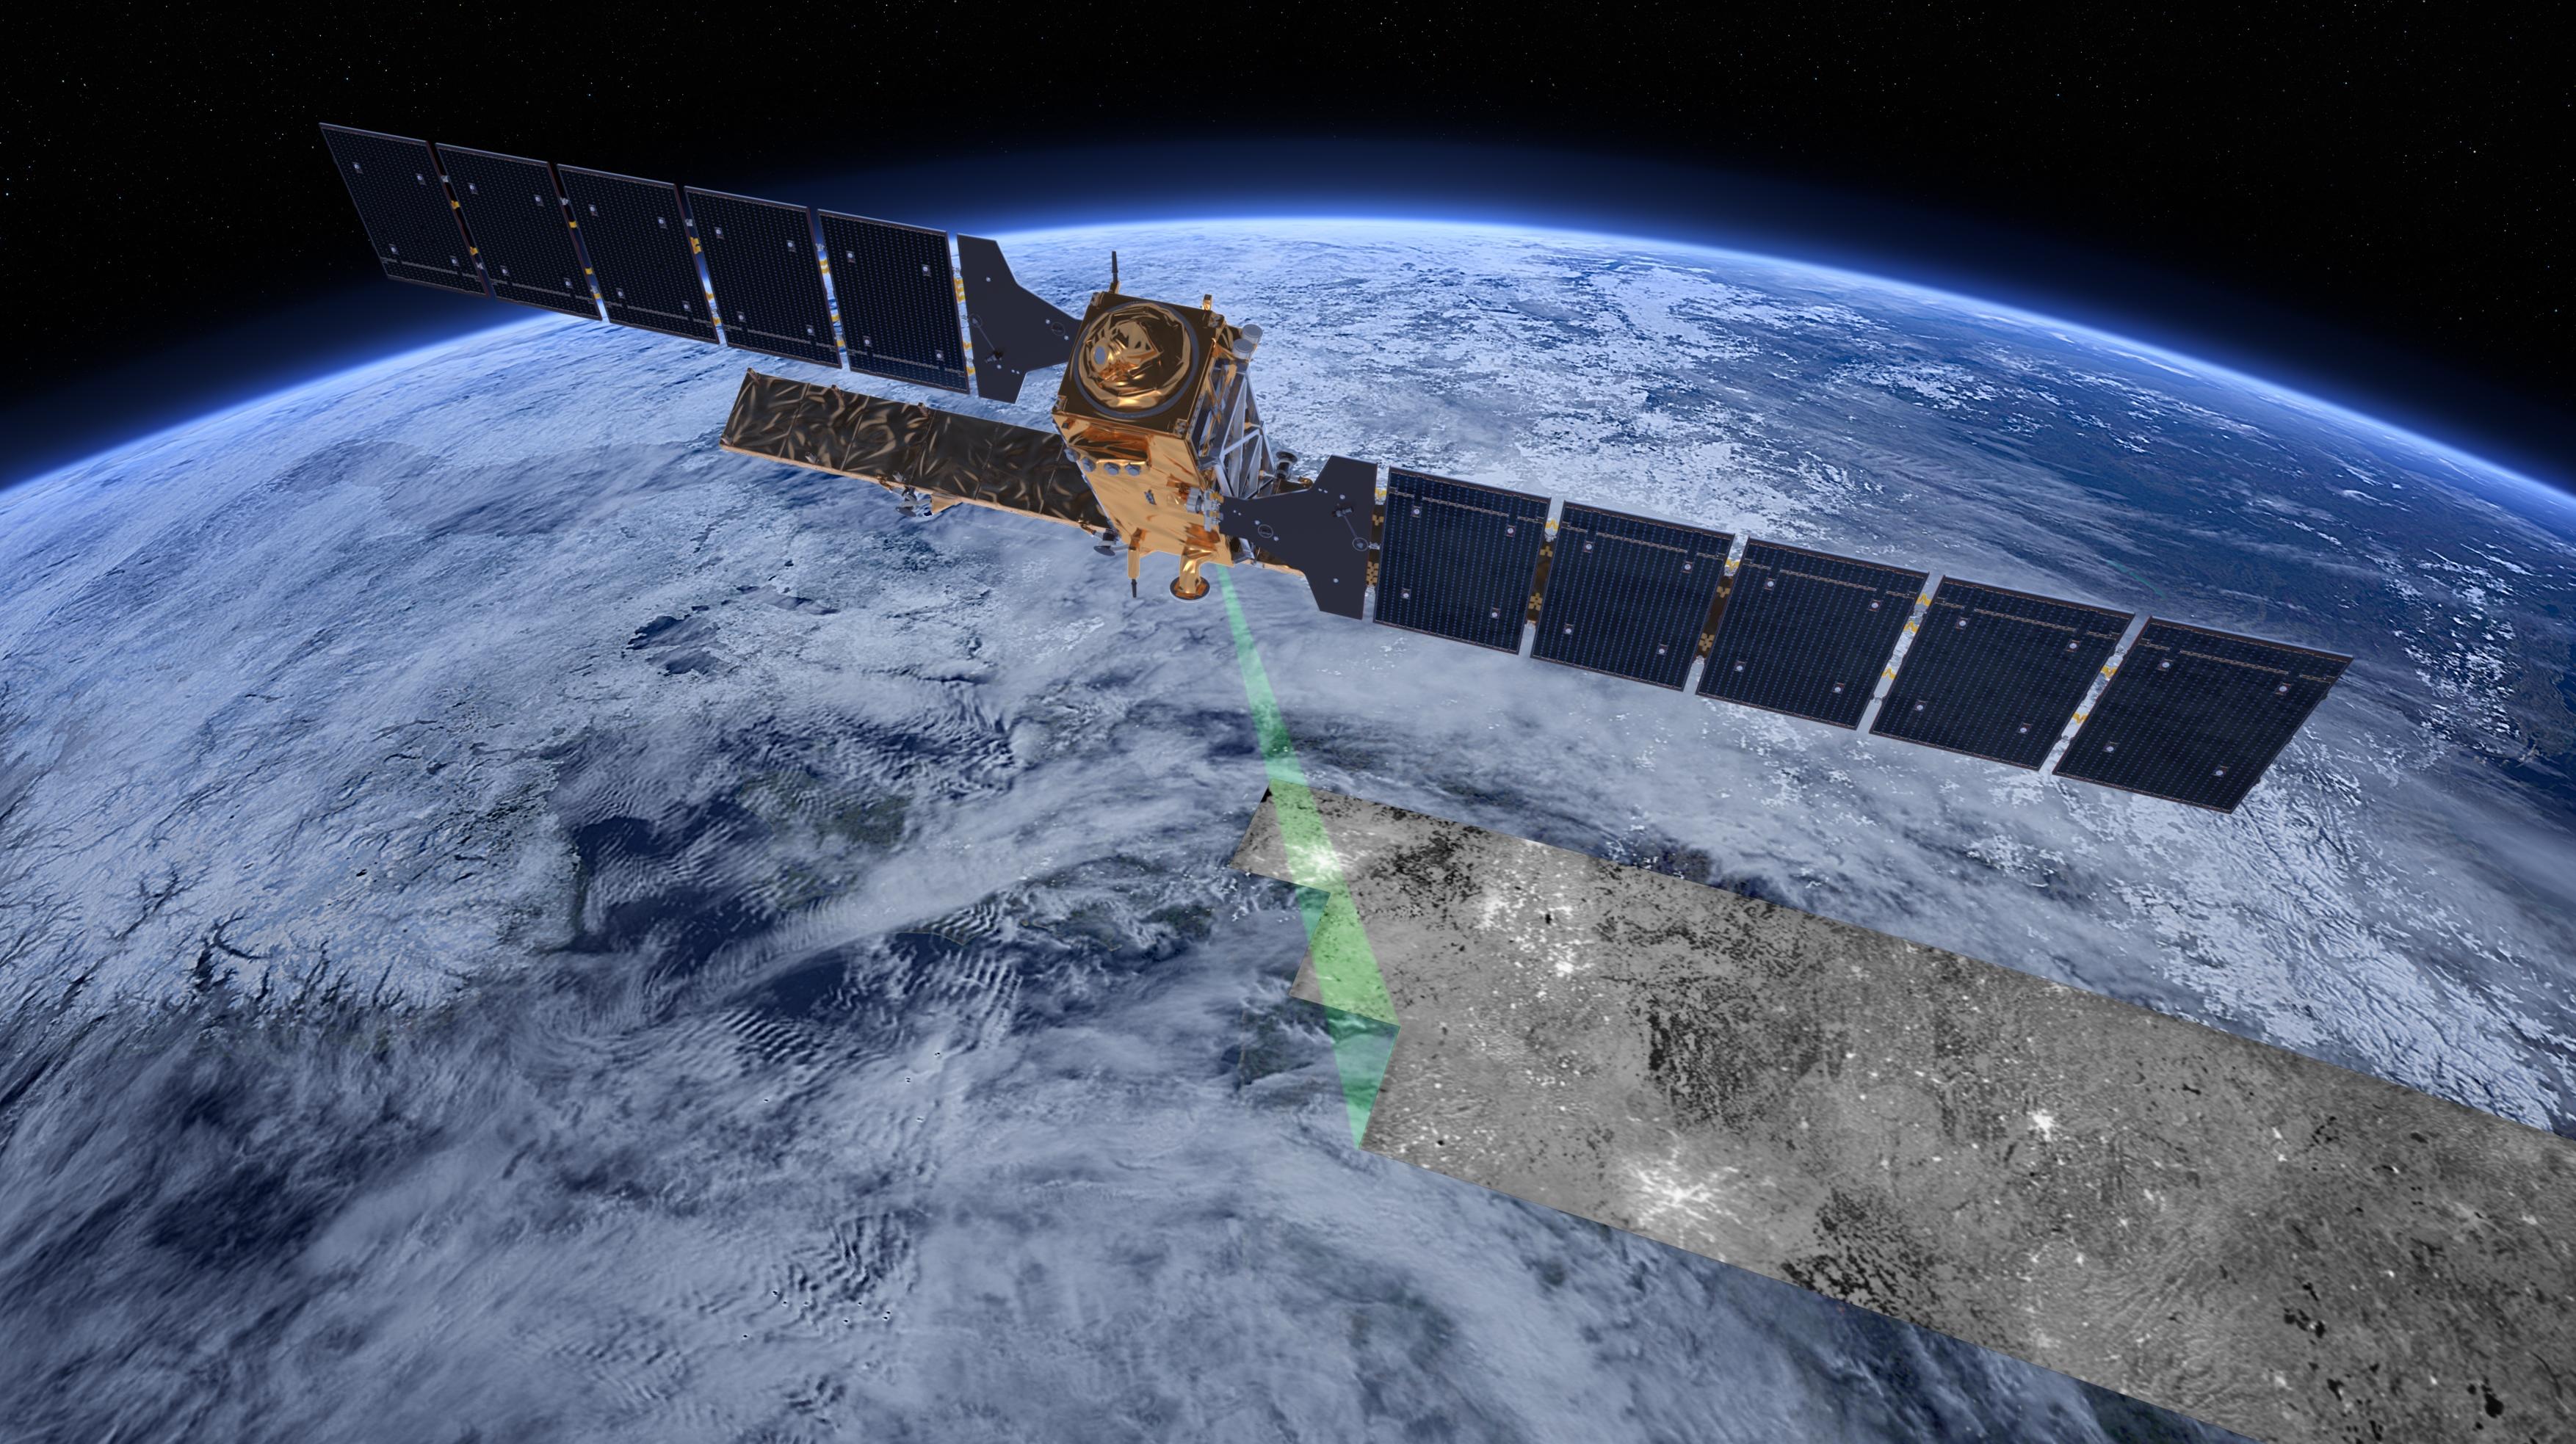 Sentinel-1 er en radarsatellitt i Copernicus-programmet. Den ser blant annet havis, oljesøl ogskipstrafikk for norske brukere. Illustrasjon: ESA/ATG medialab